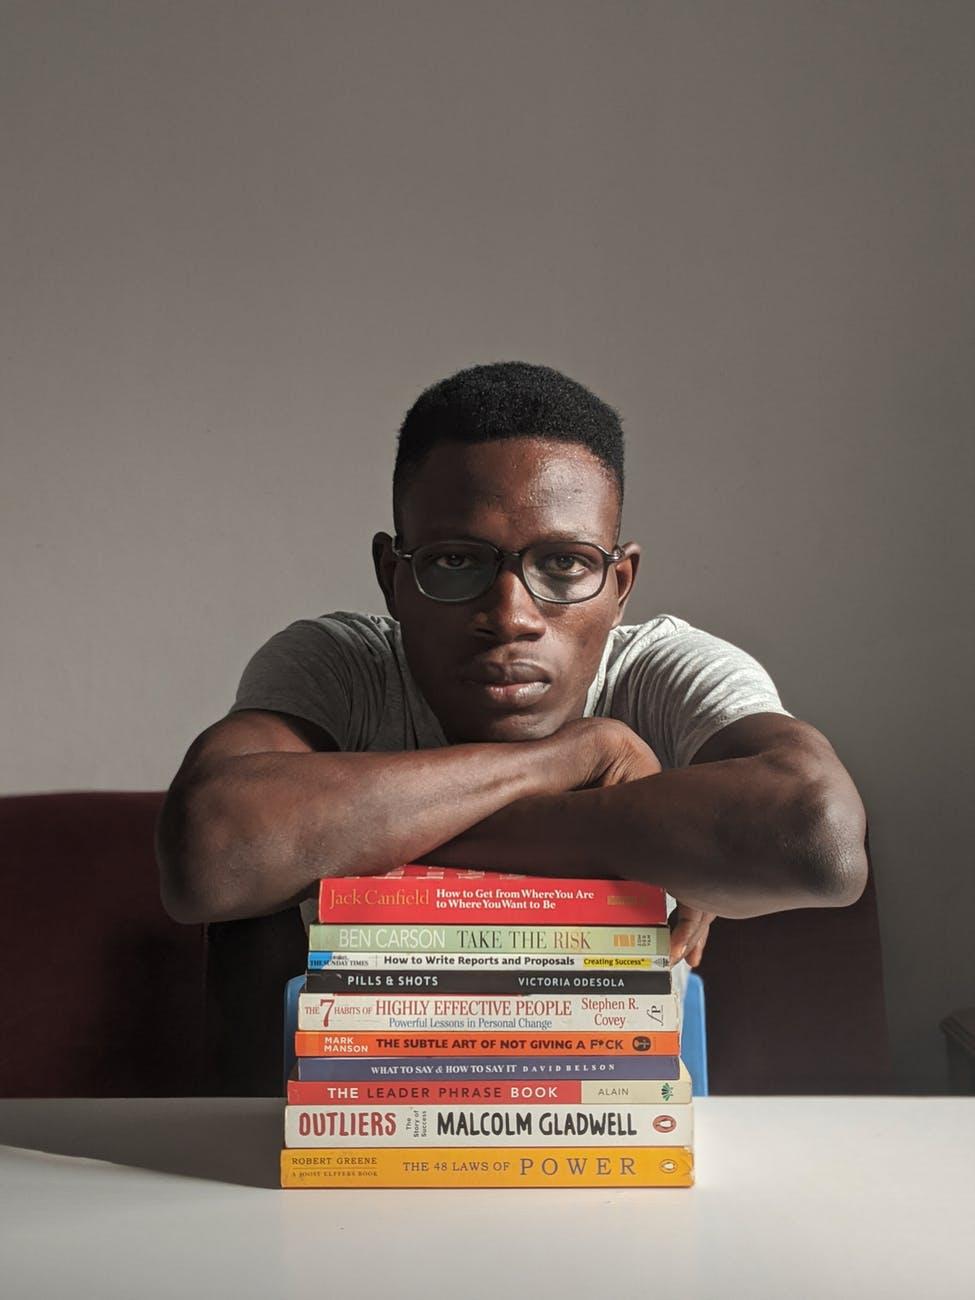 man wearing eyeglasses sitting beside table